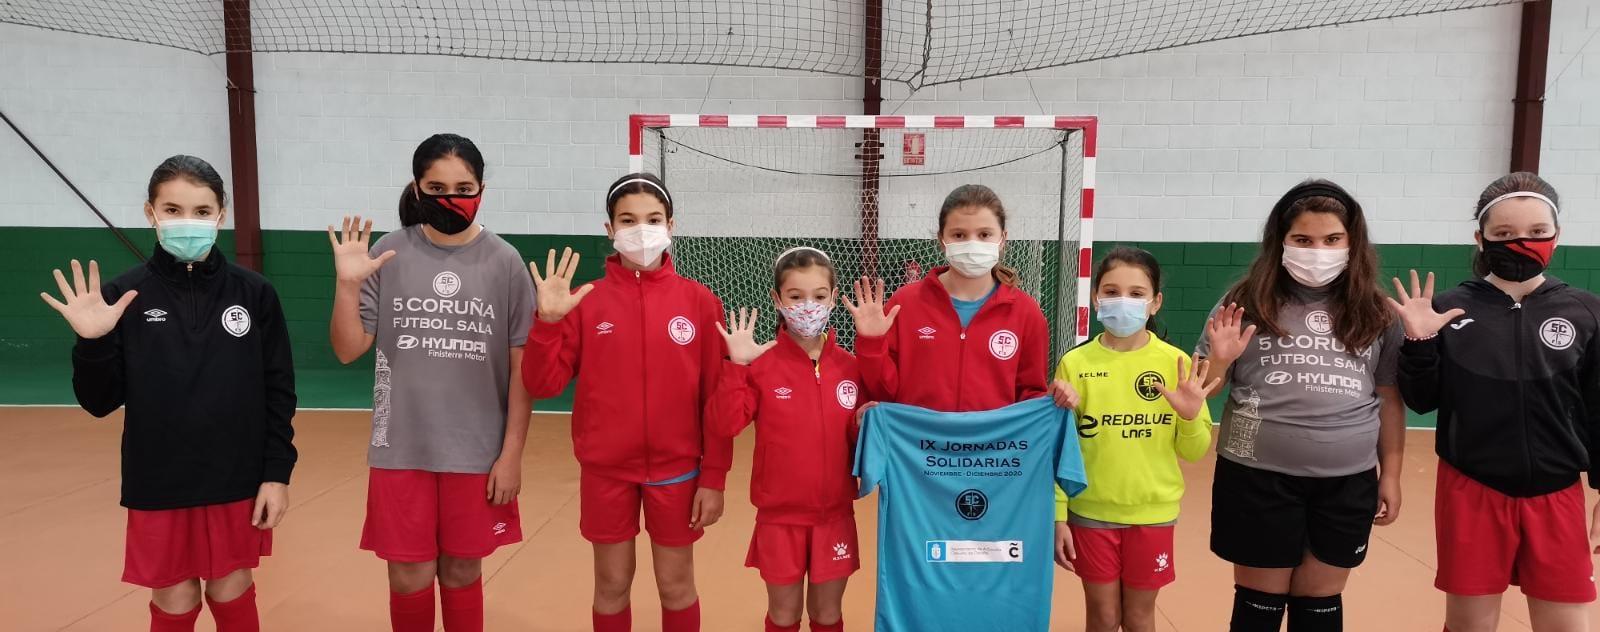 O Academia Red Blue 5 Coruña organiza a primeira concentración do ano en categoría alevín / 5 CORUÑA